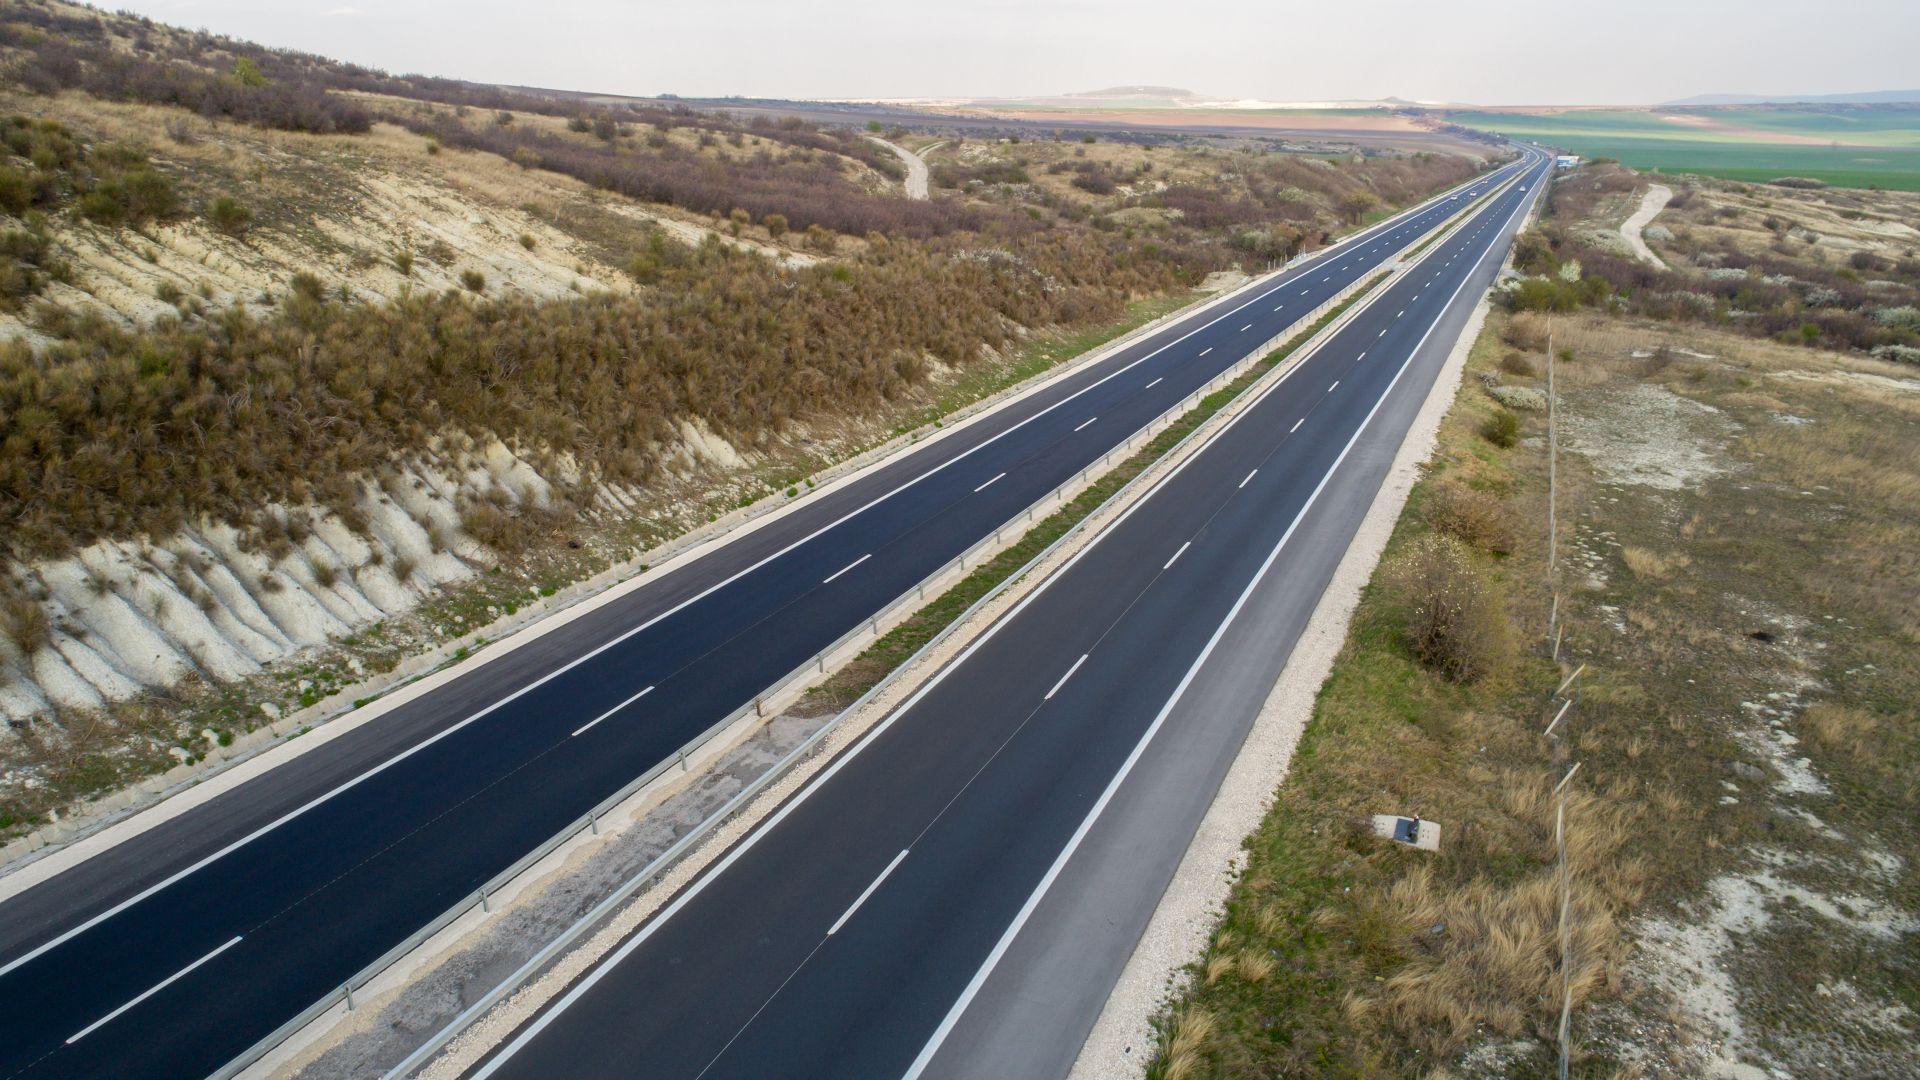 Обещано от Николай Нанков: От София до Варна - по магистрала през 2024-а